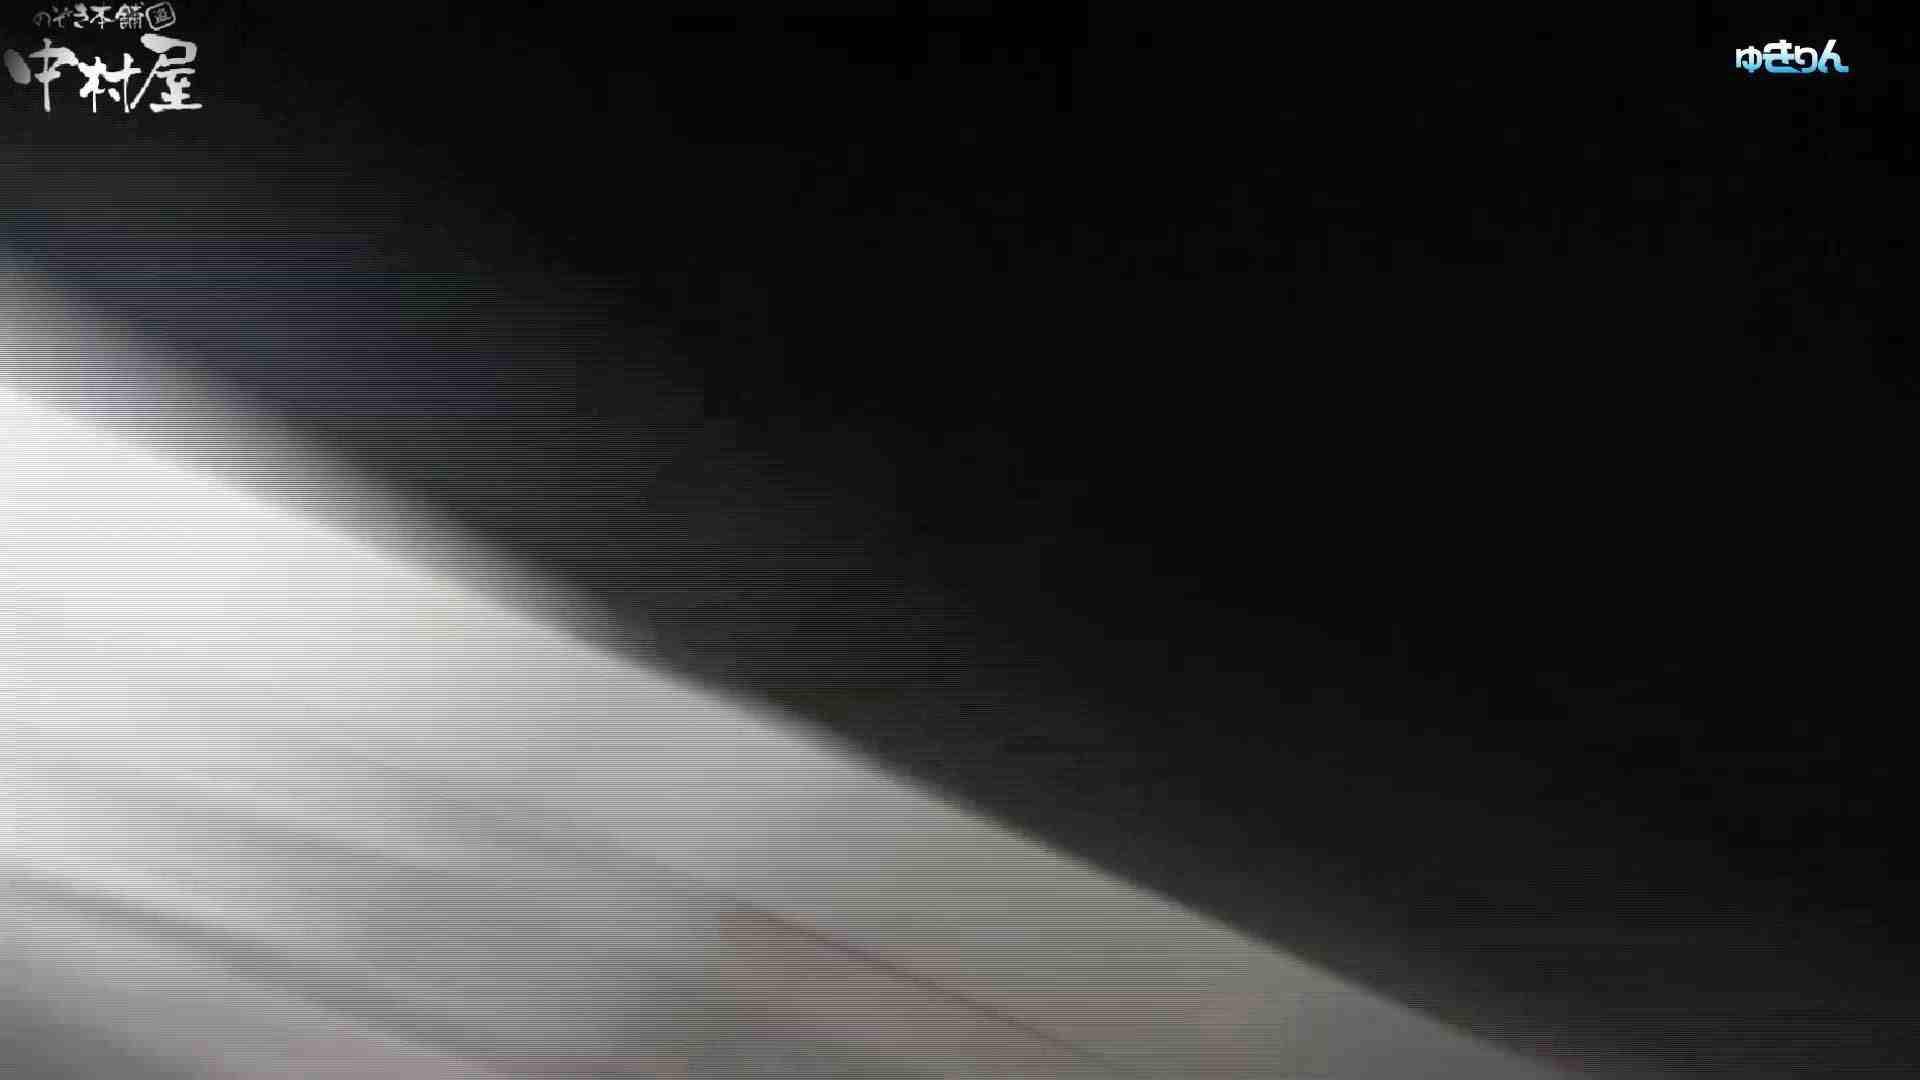 世界の射窓から~ステーション編 vol58 0.1%の確率!!吸い付こまれるプレミアム聖地 盗撮動画  9枚 2